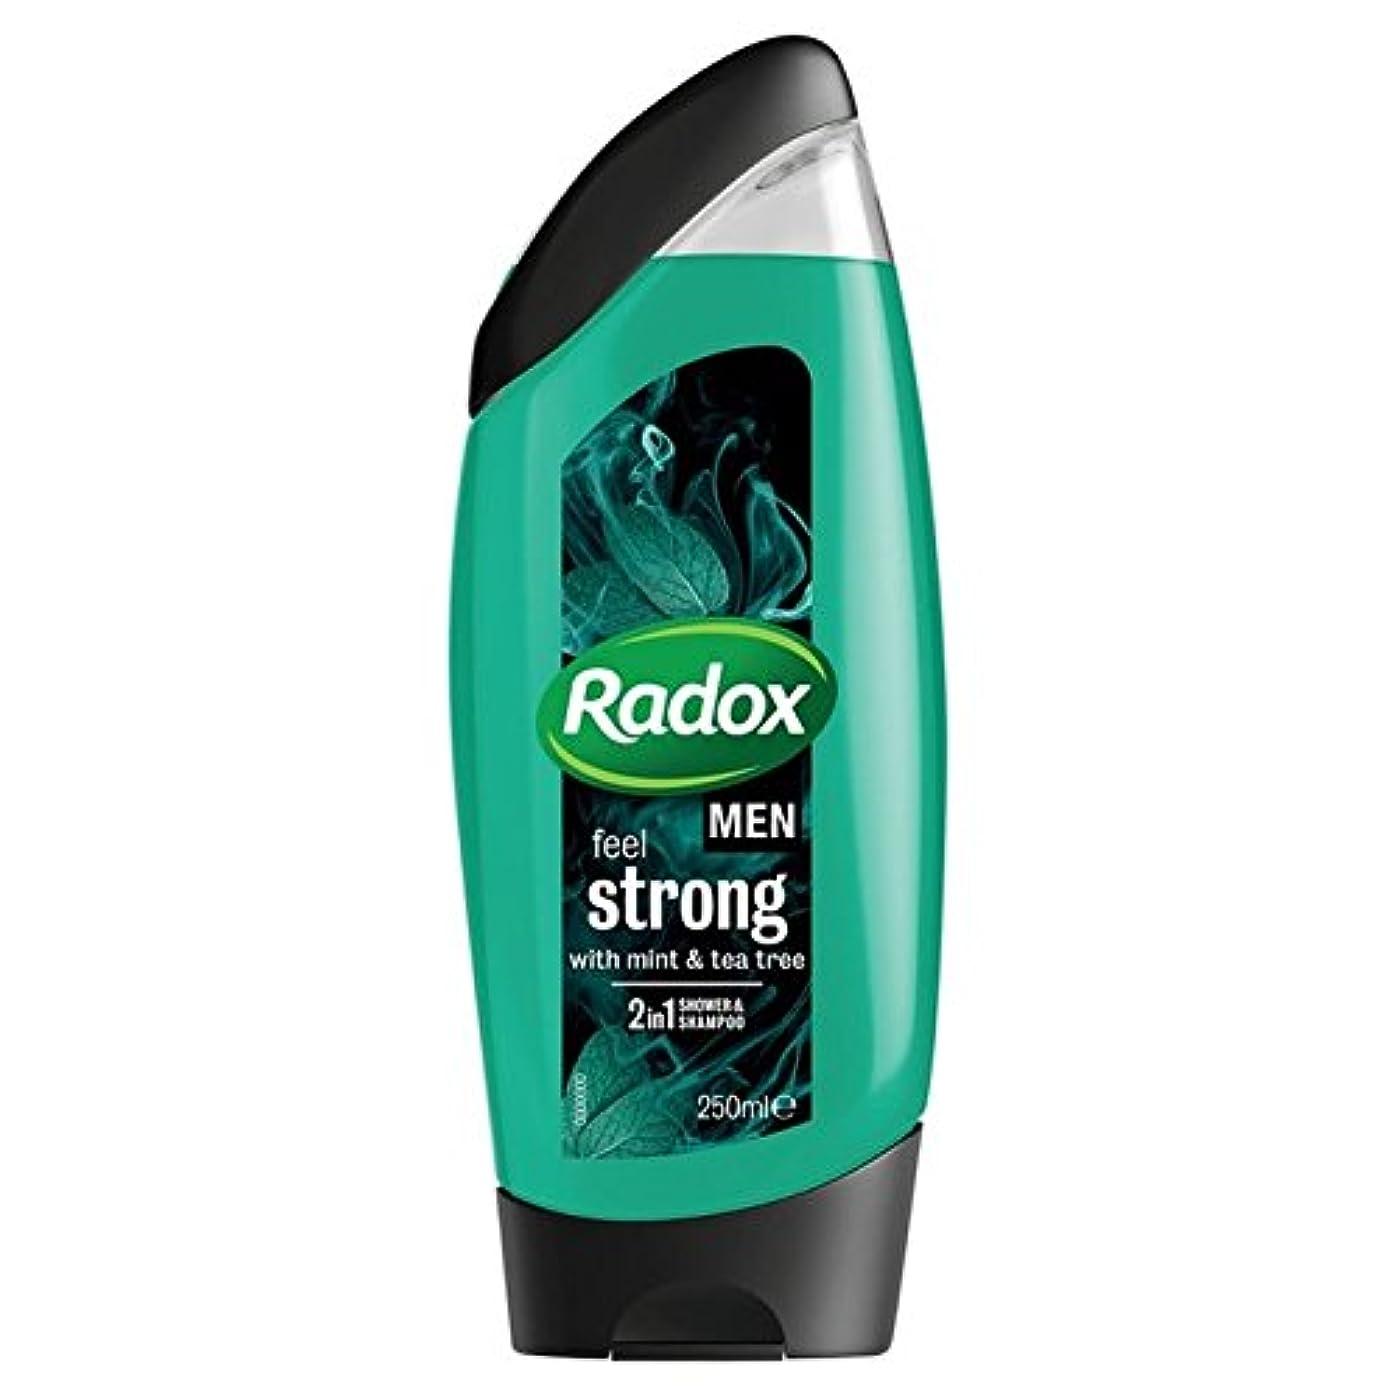 男性は、強力なミント&ティーツリーの21のシャワージェル250ミリリットルを感じます x2 - Radox Men Feel Strong Mint & Tea Tree 2in1 Shower Gel 250ml (Pack...